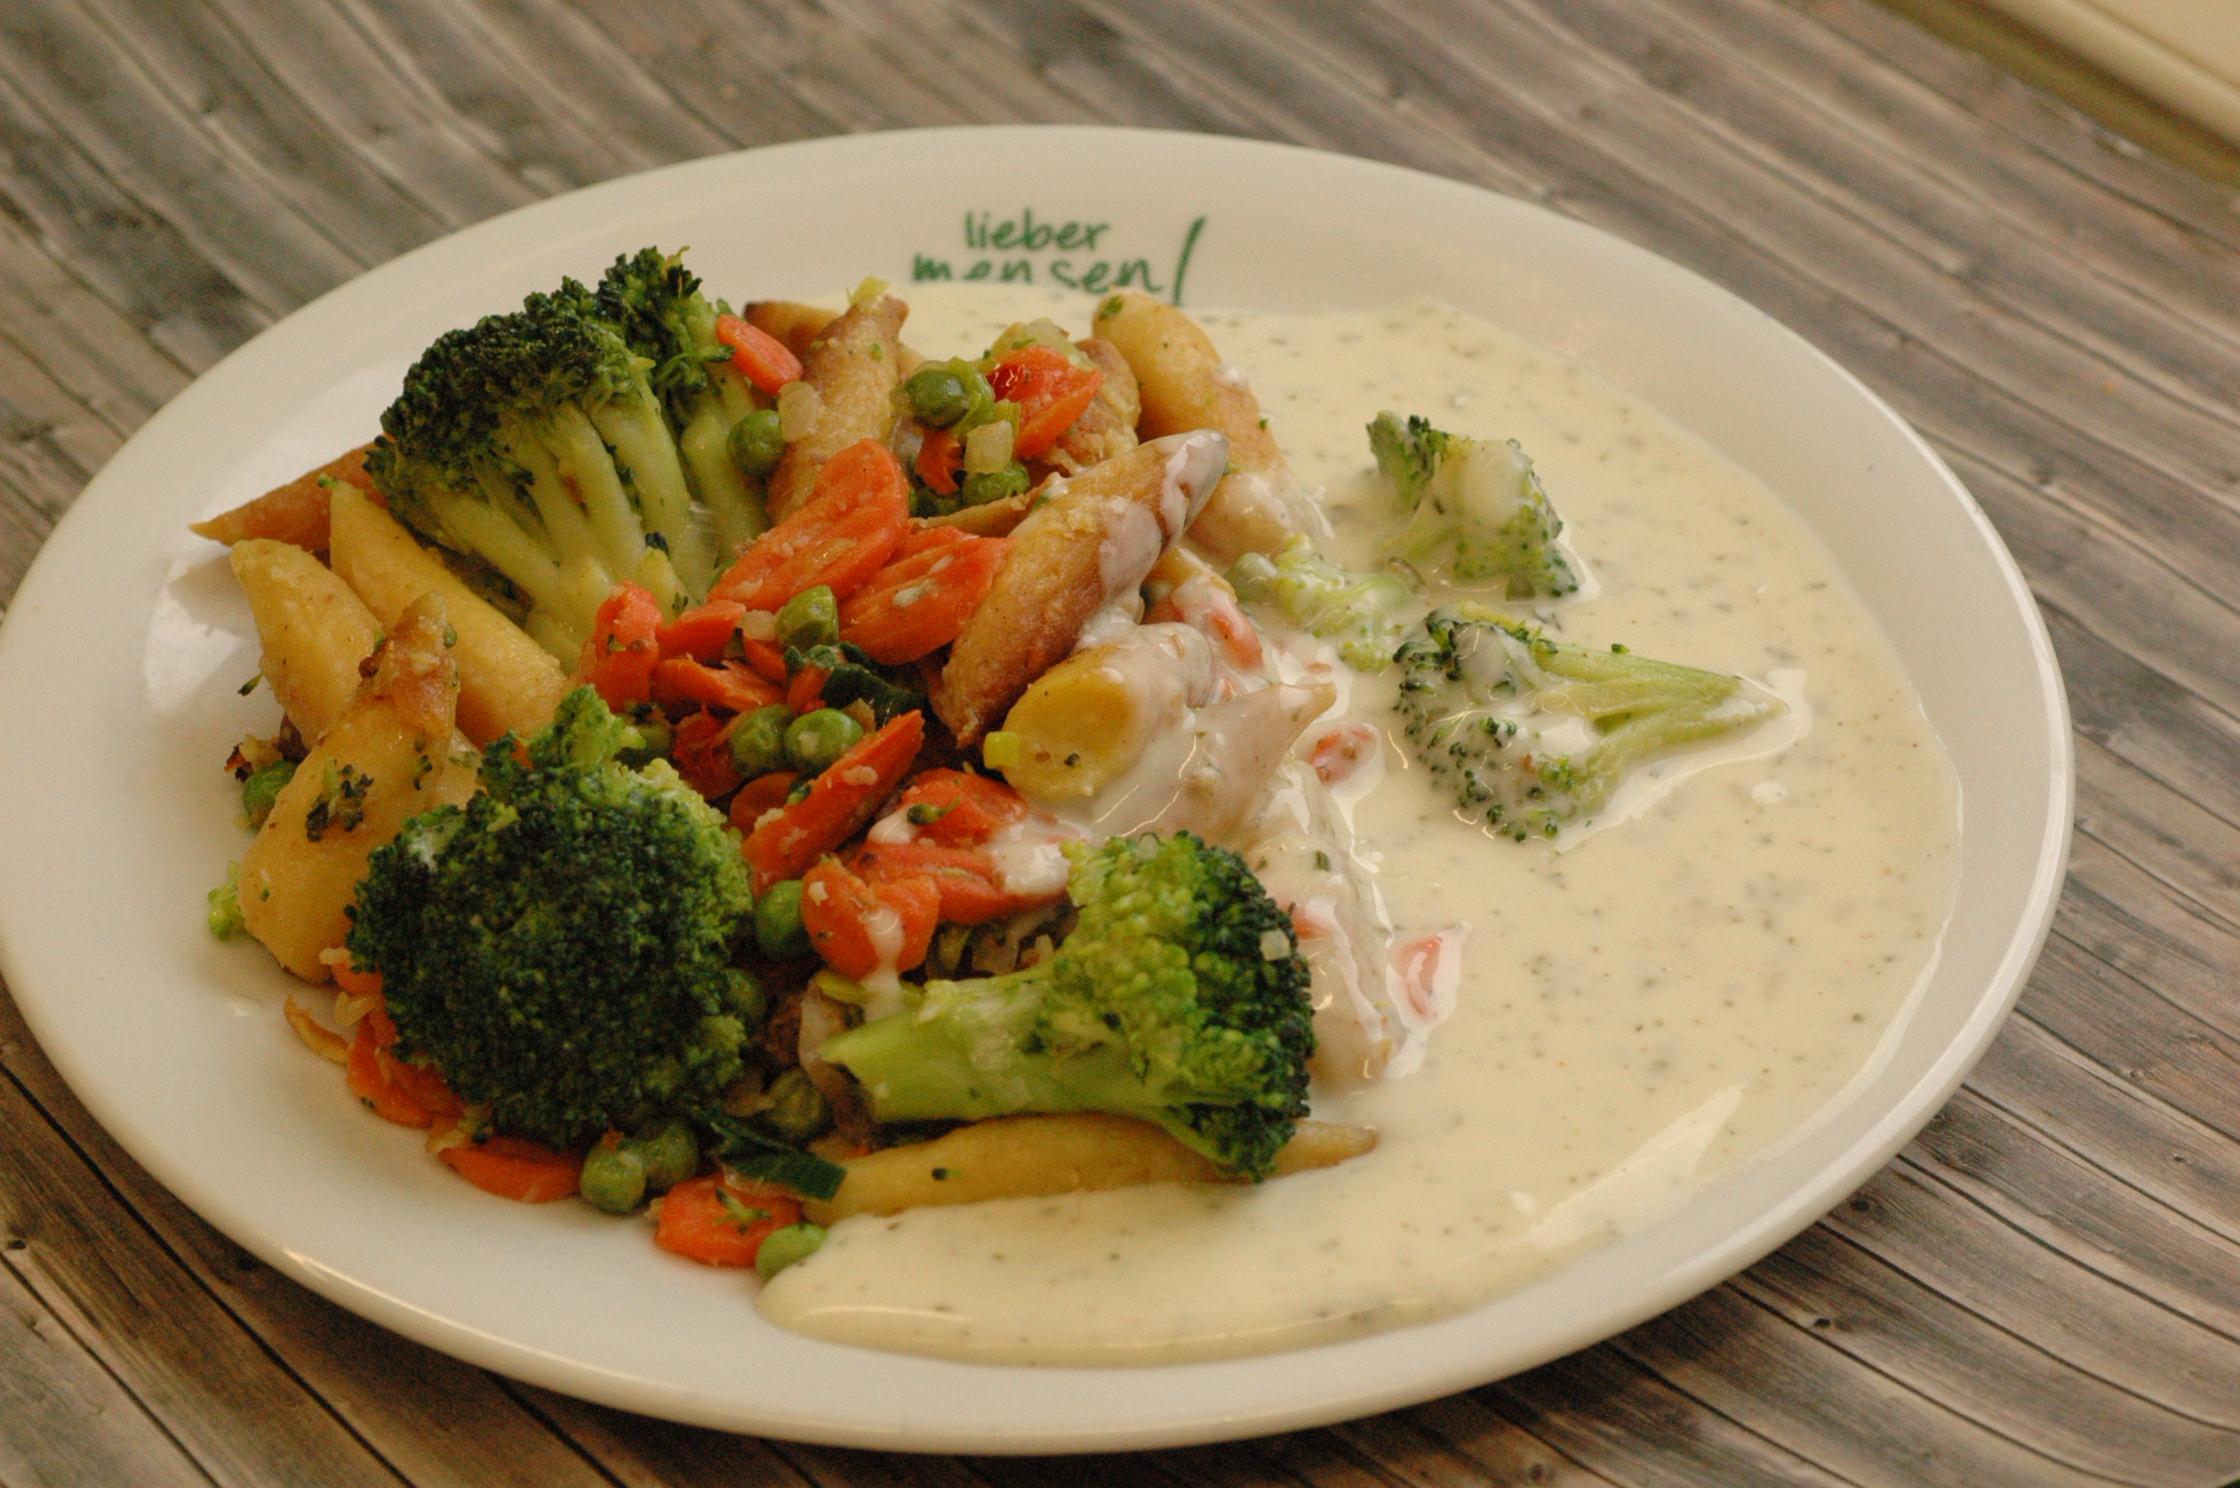 Gemüse-Schupfnudelpfanne mit cremiger Frischkäse-Kräutersoße